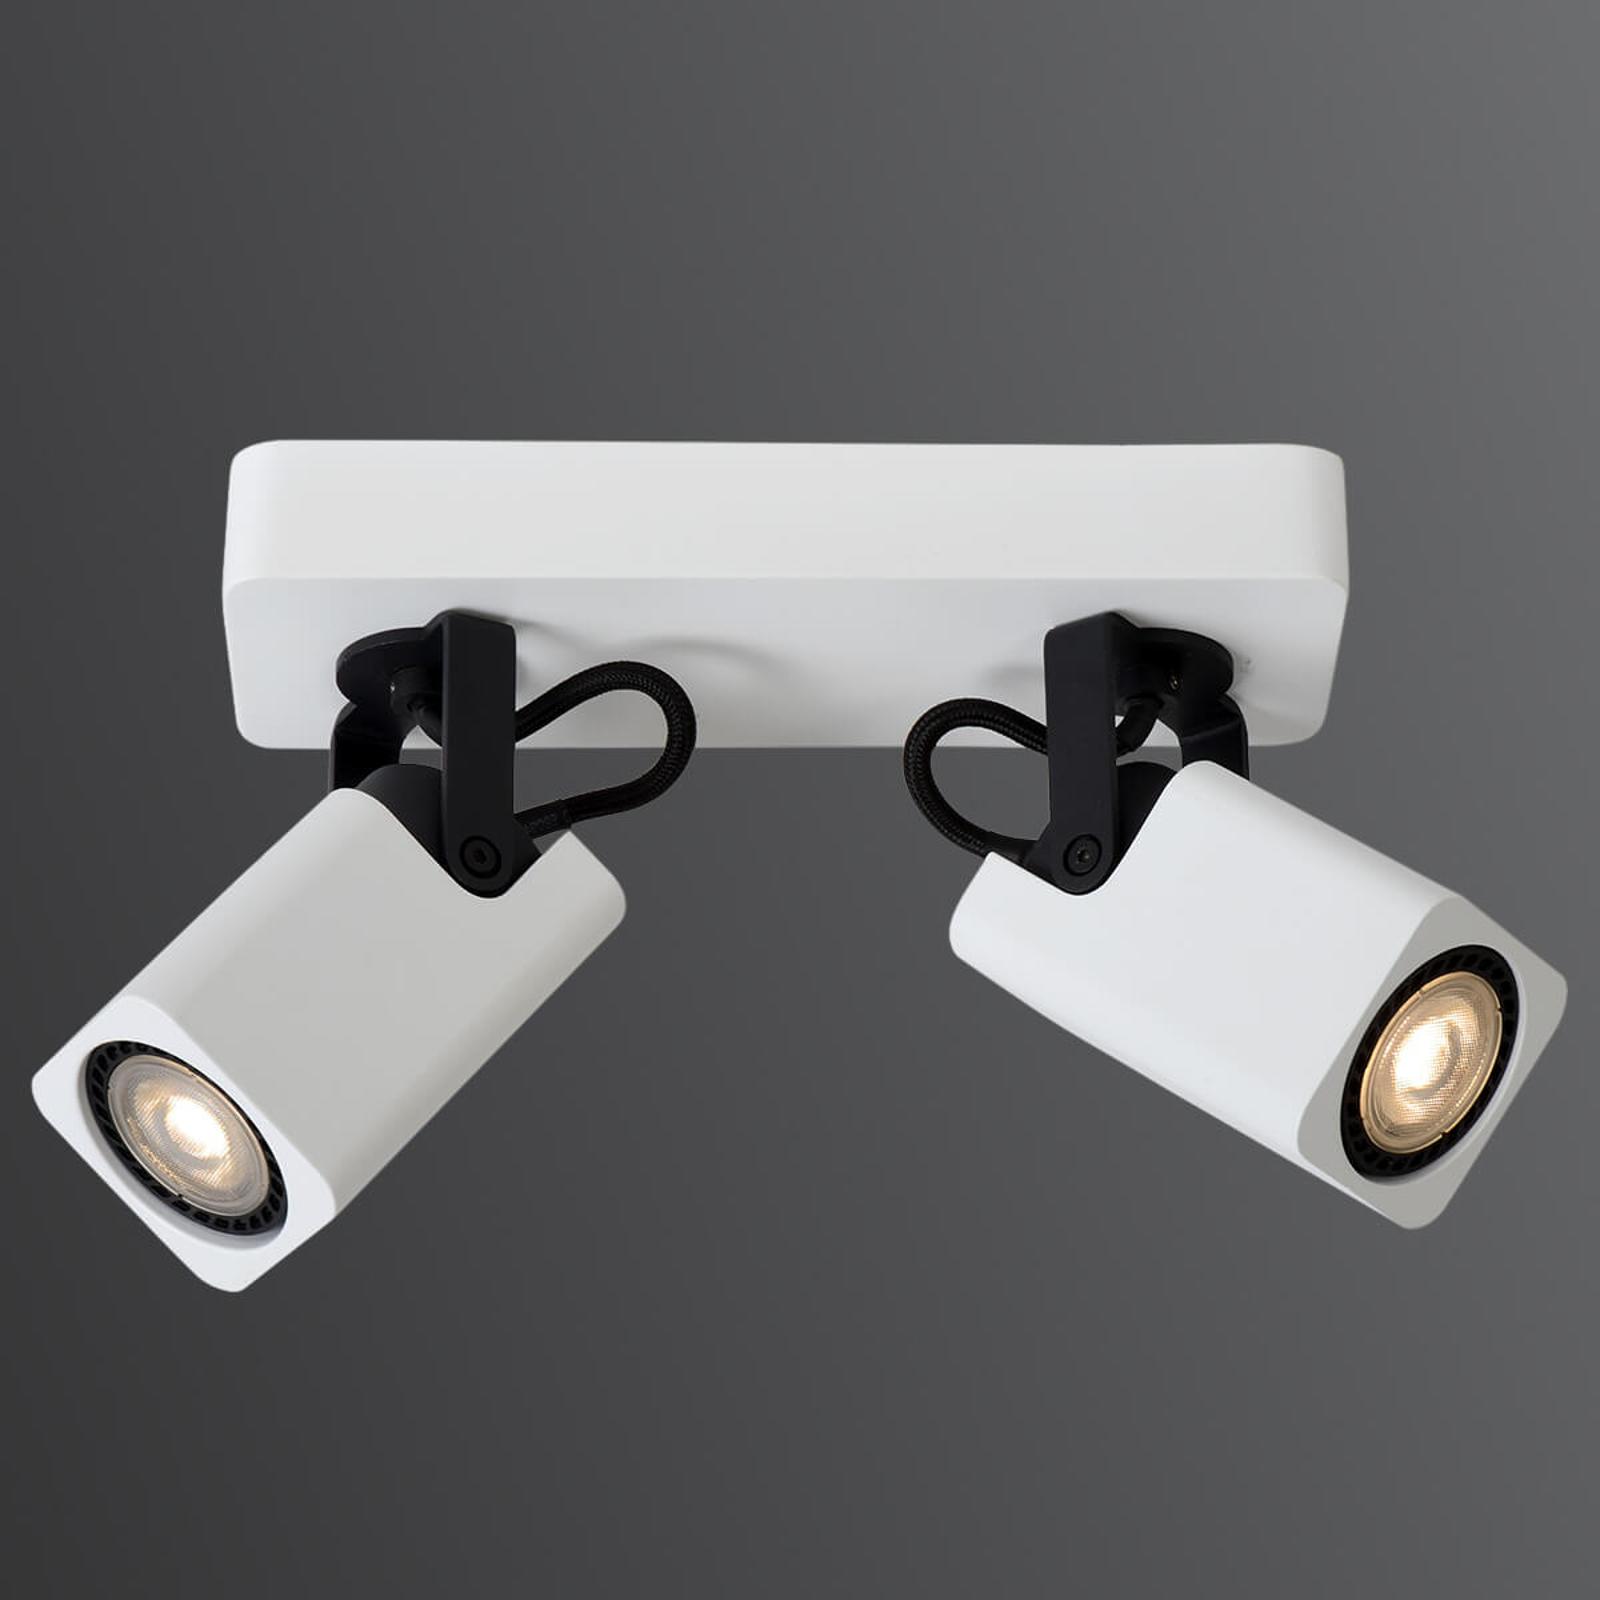 Roax LED-spot 2 lyskilder